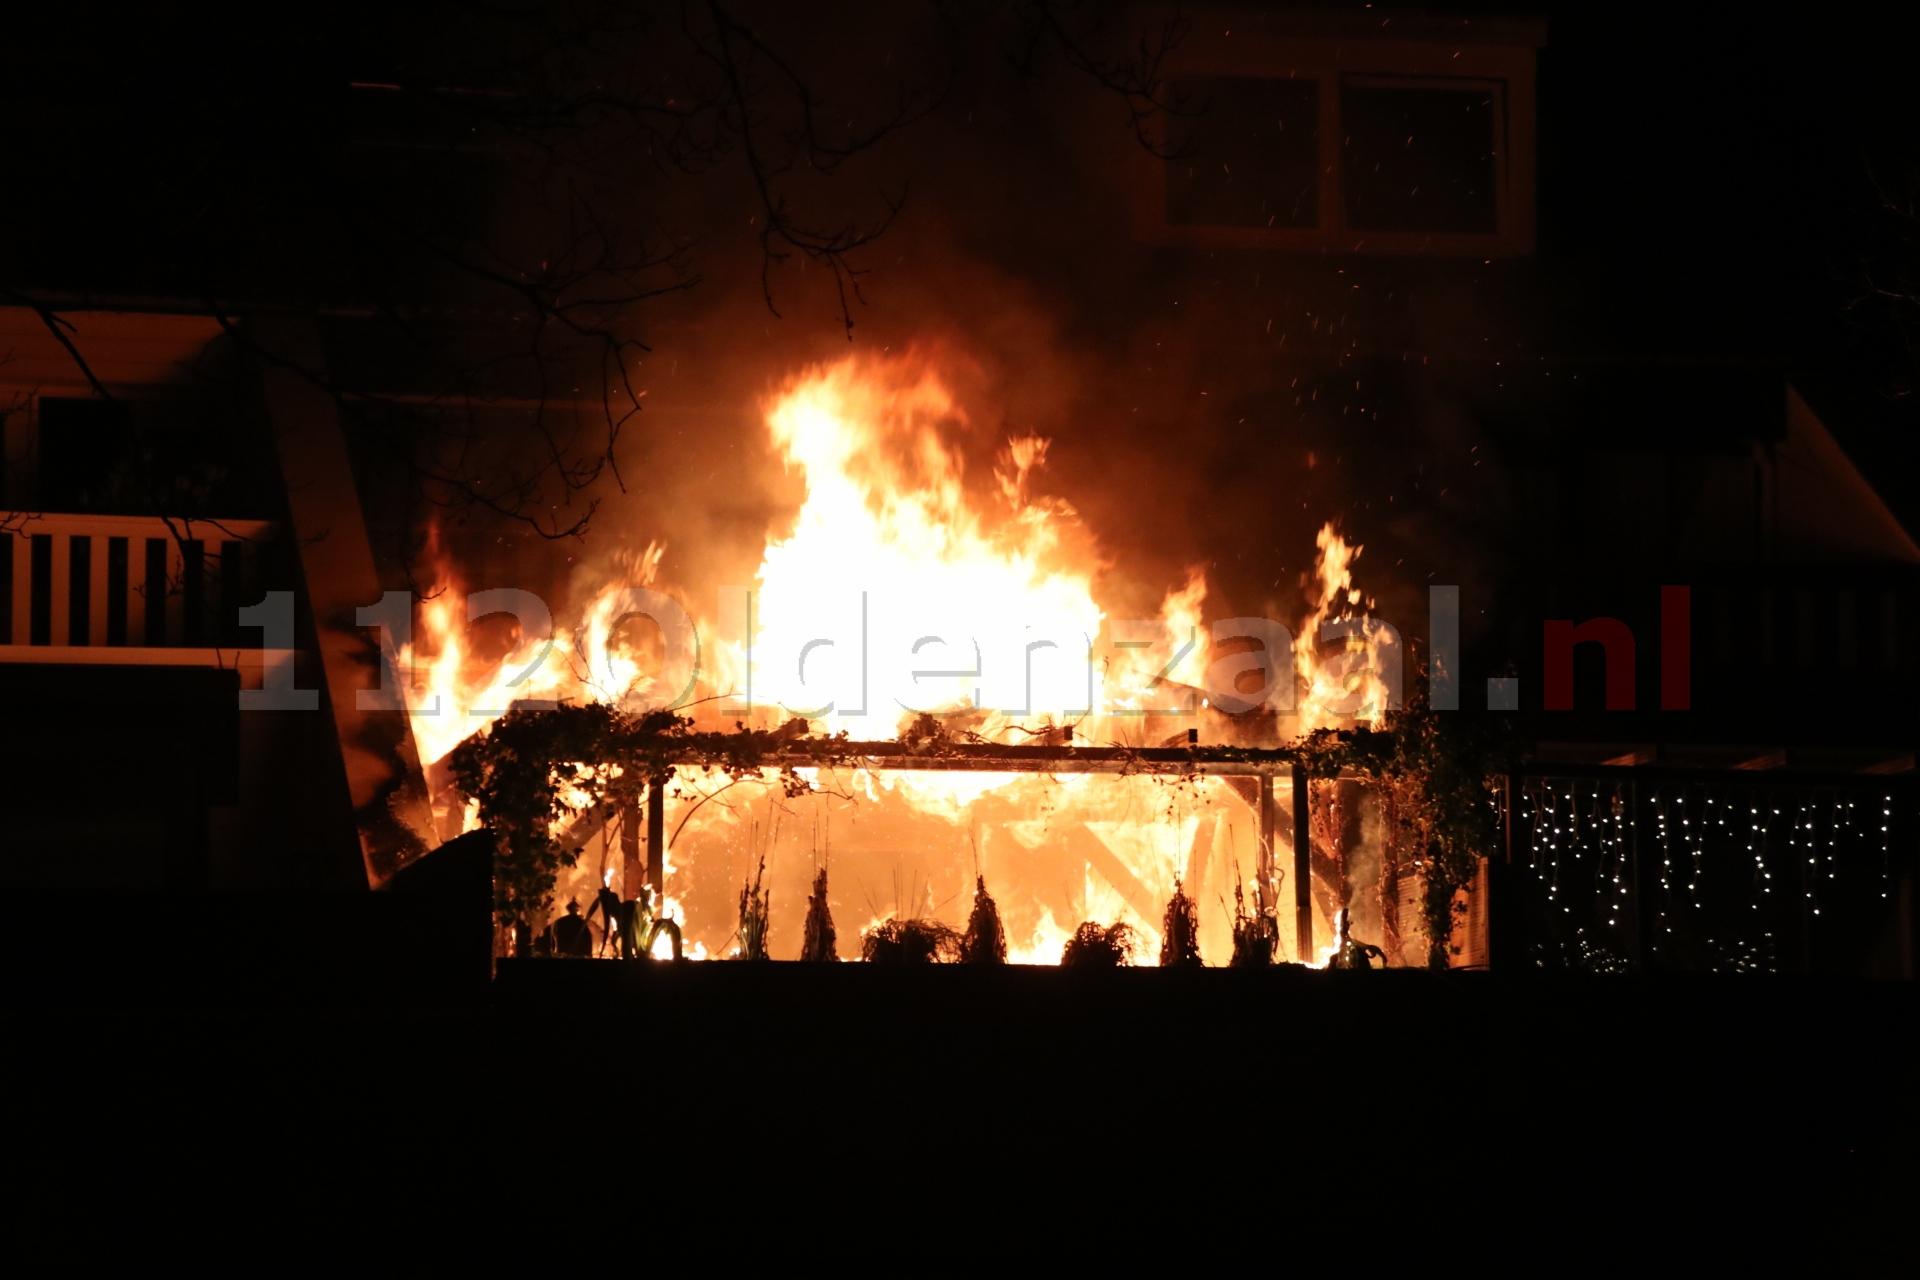 UPDATE (FOTO'S): Uitslaande brand bij woning in Oldenzaal